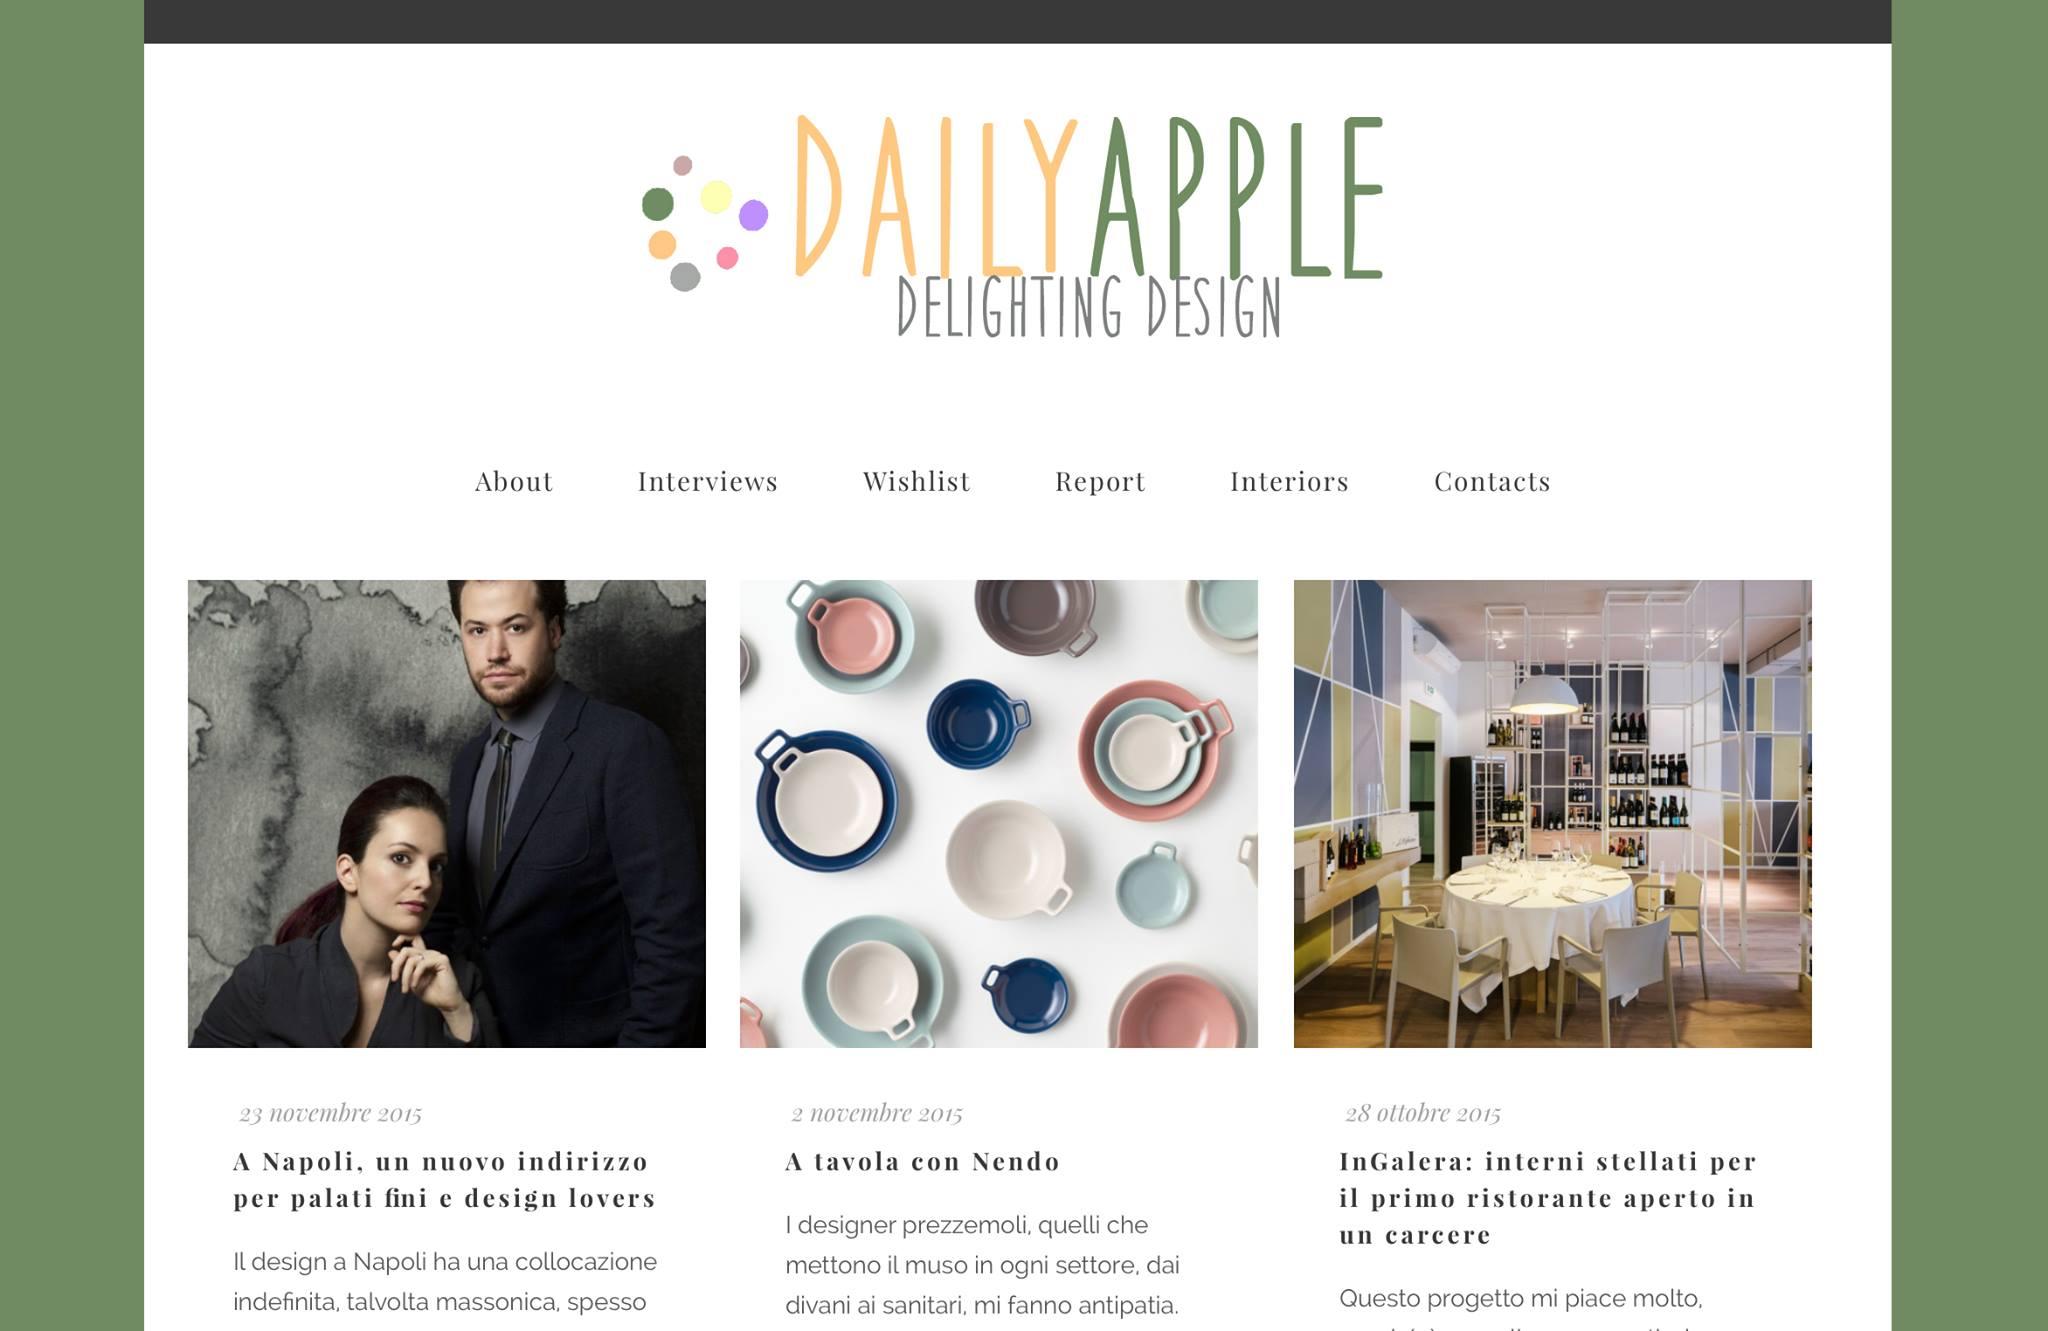 spazio_materiae_arredamento_design_food_napoli_alta_gamma_lusso_architetti_dipunto_press_dailyapple_delighting_design.jpg